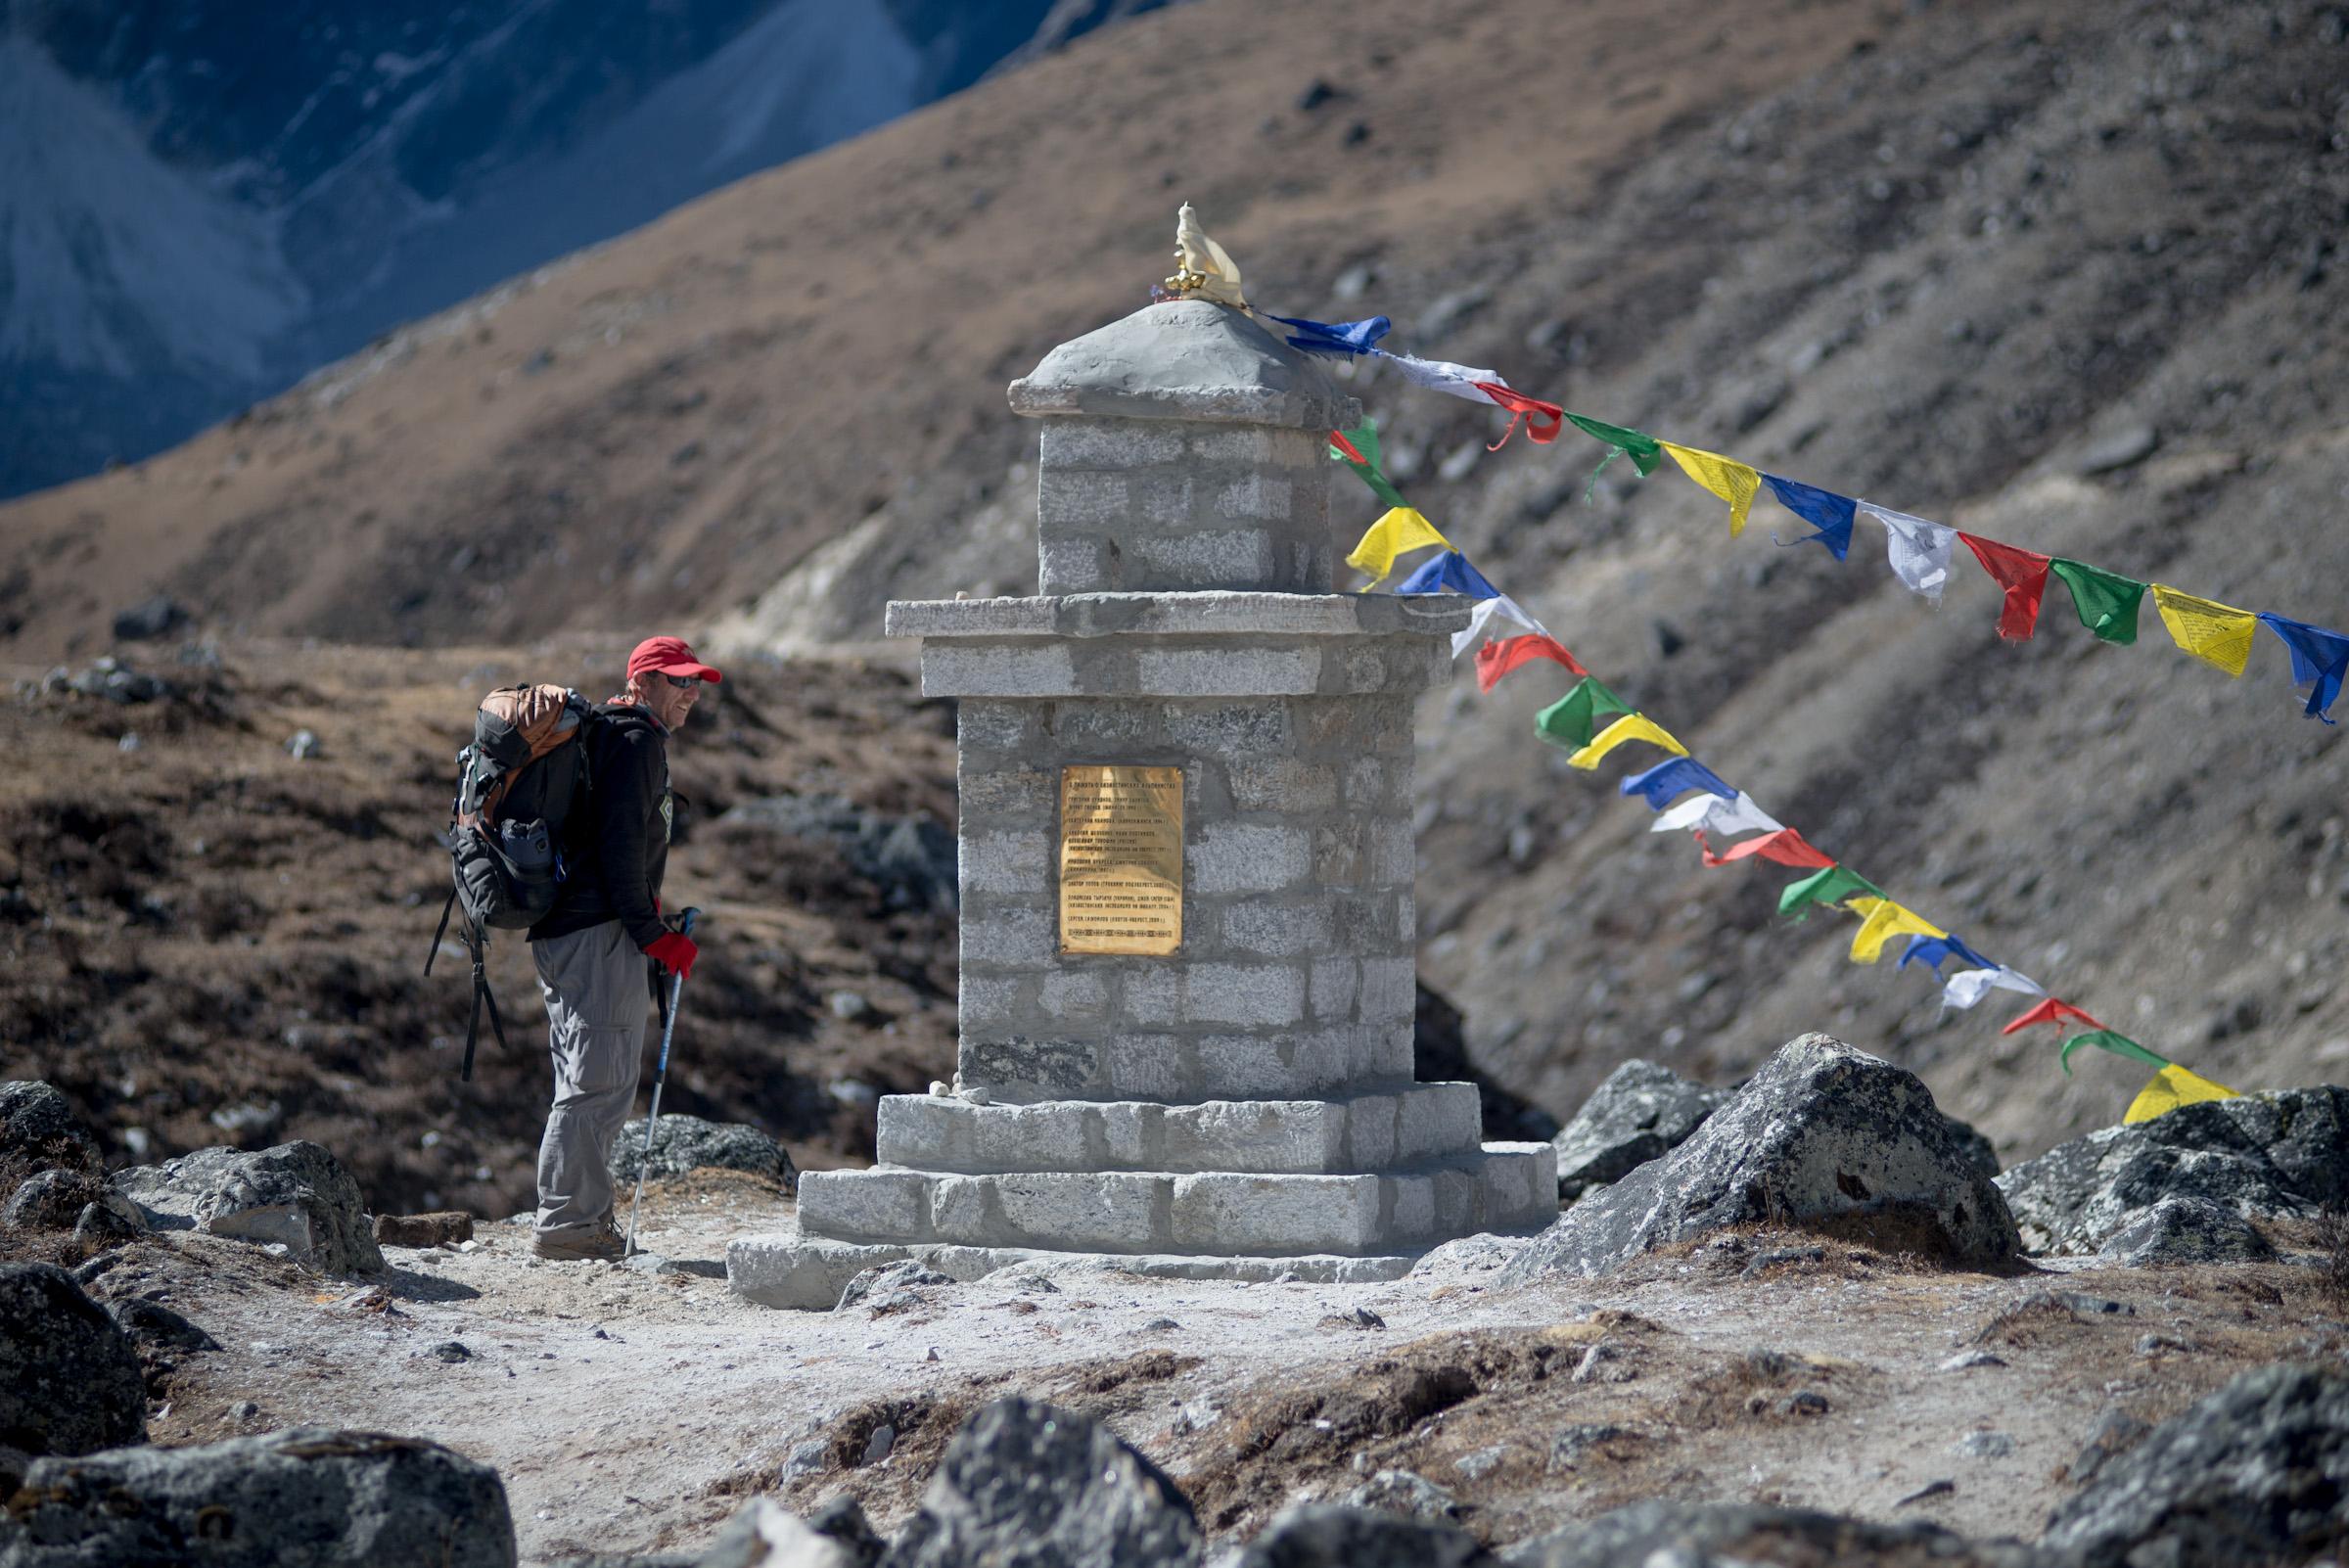 Everest_Rocks_HiRes-3825